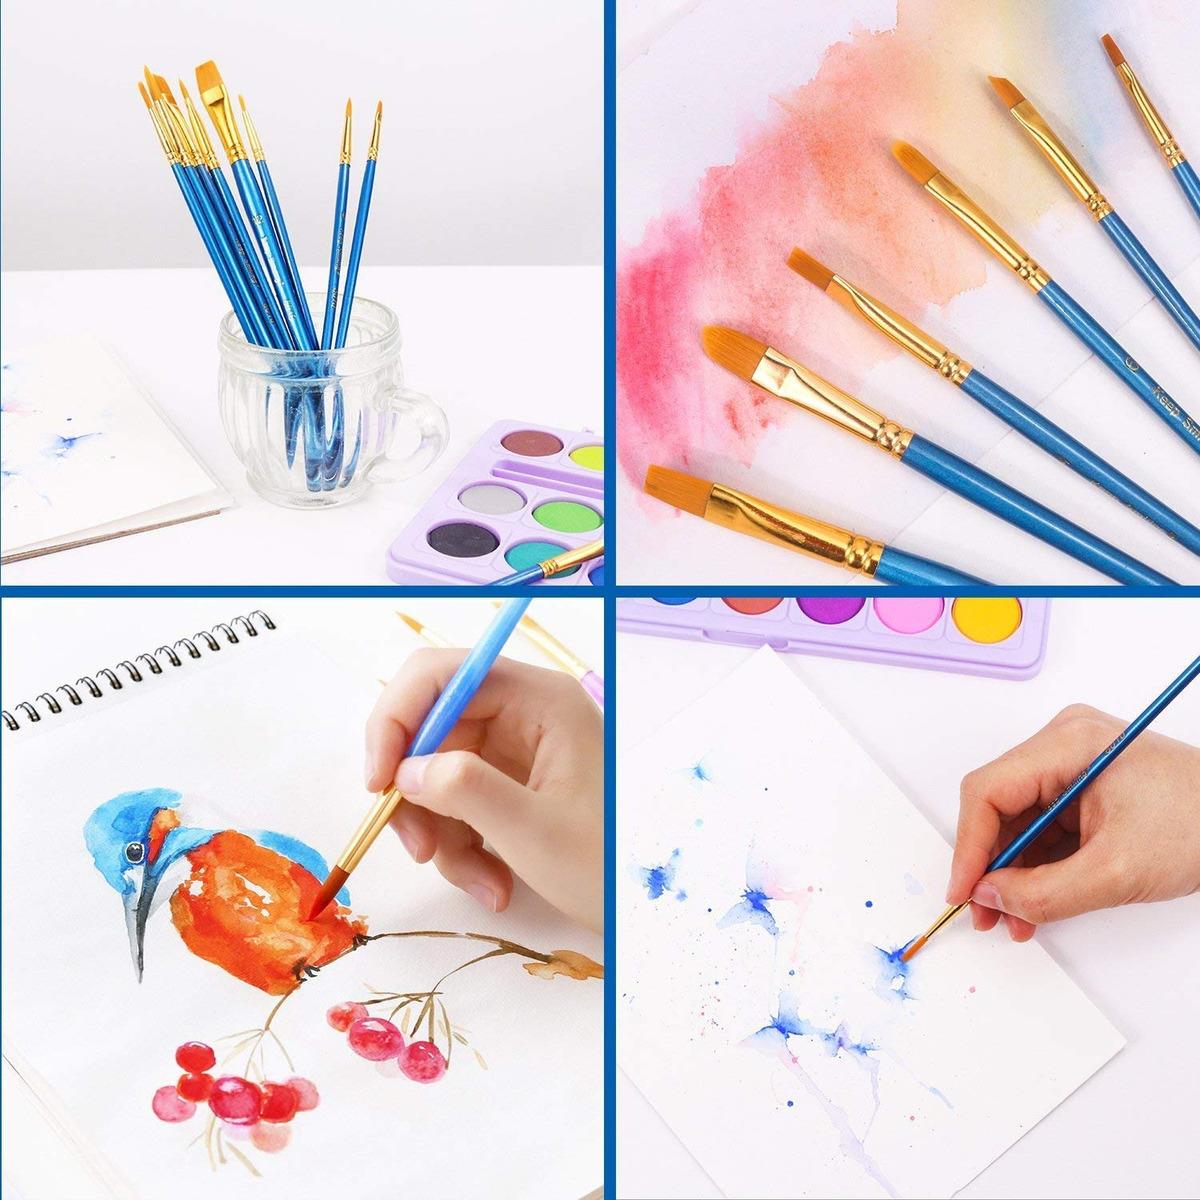 conjunto de acuarelas de pintura del cepillo de artista artesanías finas Modelo Stock De Acrílico 12 un